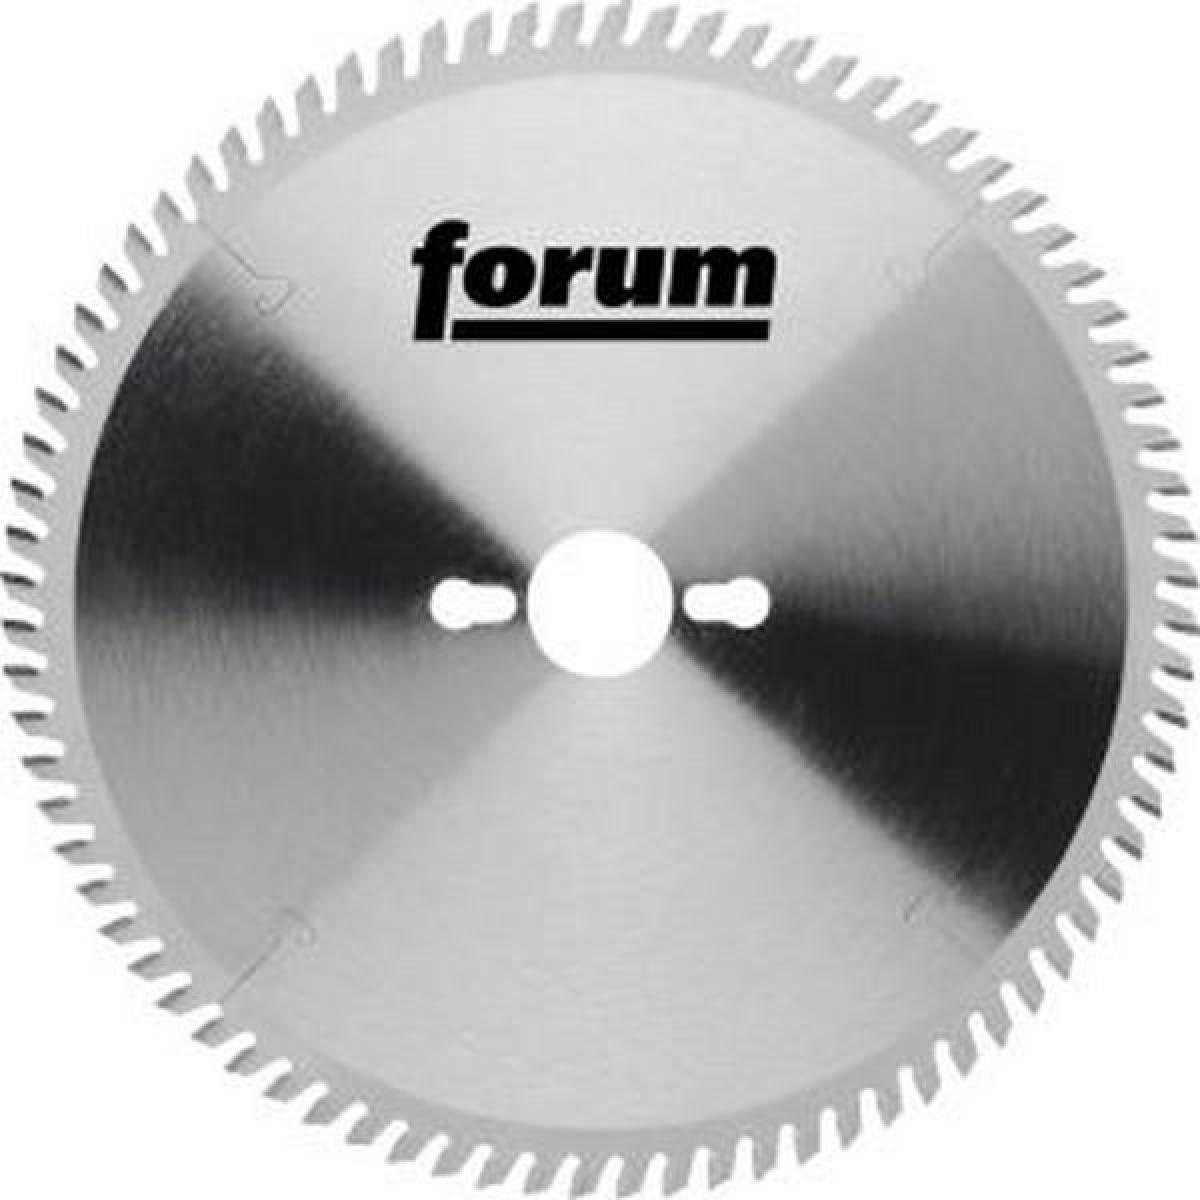 Forum Lame de scie circulaire, Ø : 184 mm, Larg. : 1,8 mm, Alésage 16 mm, Perçages secondaires : -, Dents : 18